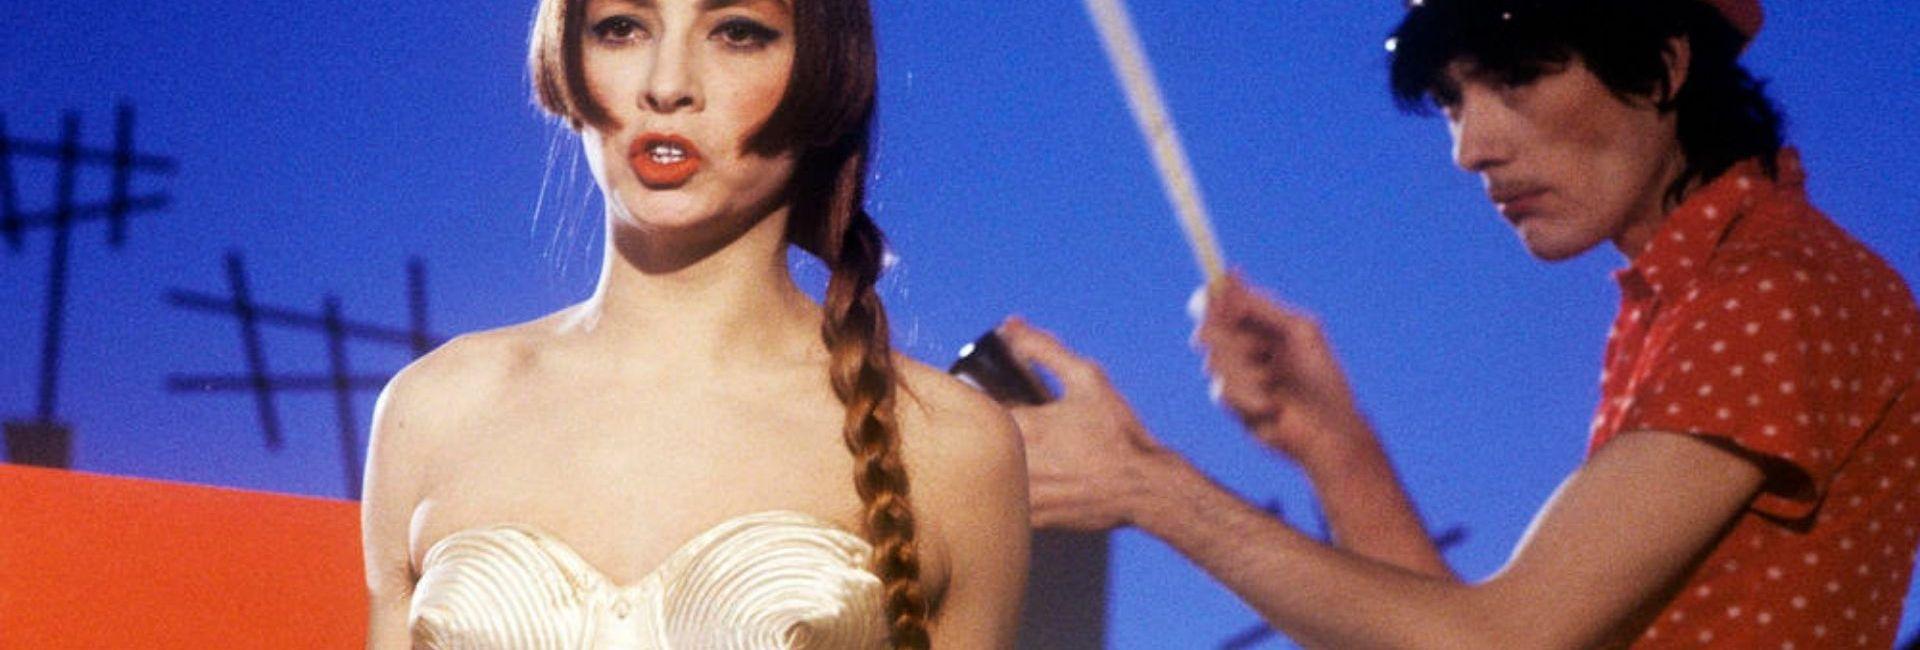 Les Rita Mitsouko portent du Jean Paul Gaultier et du Thierry Mugler dans le clip de Marcia Baïla qui a grandement marqué l'esthétique des années 1980